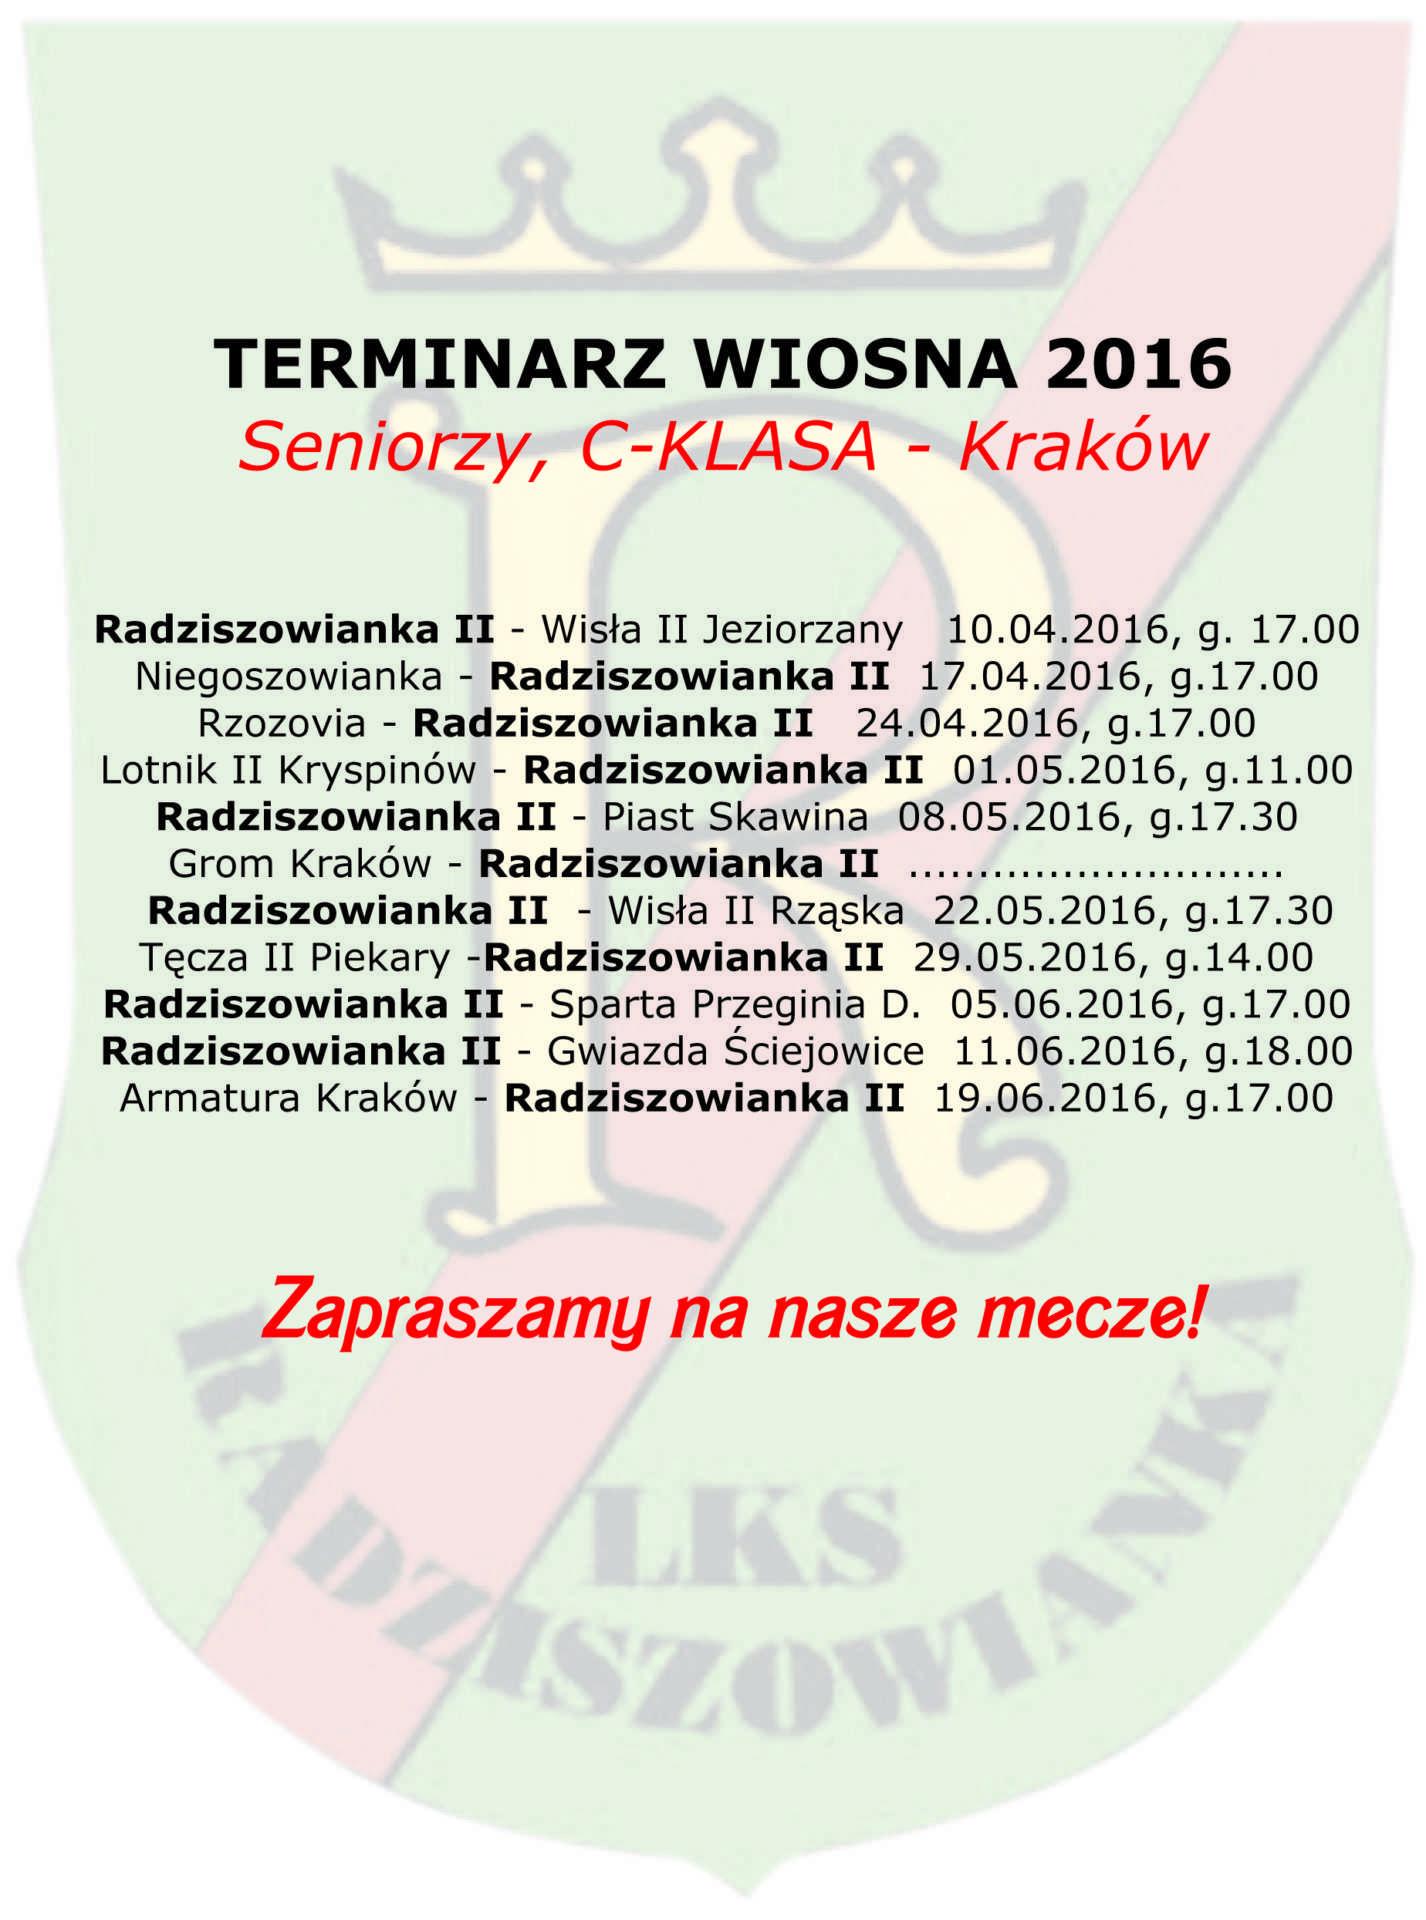 terminarz wiosna 2016 seniorzy Cklasa radziszowianka